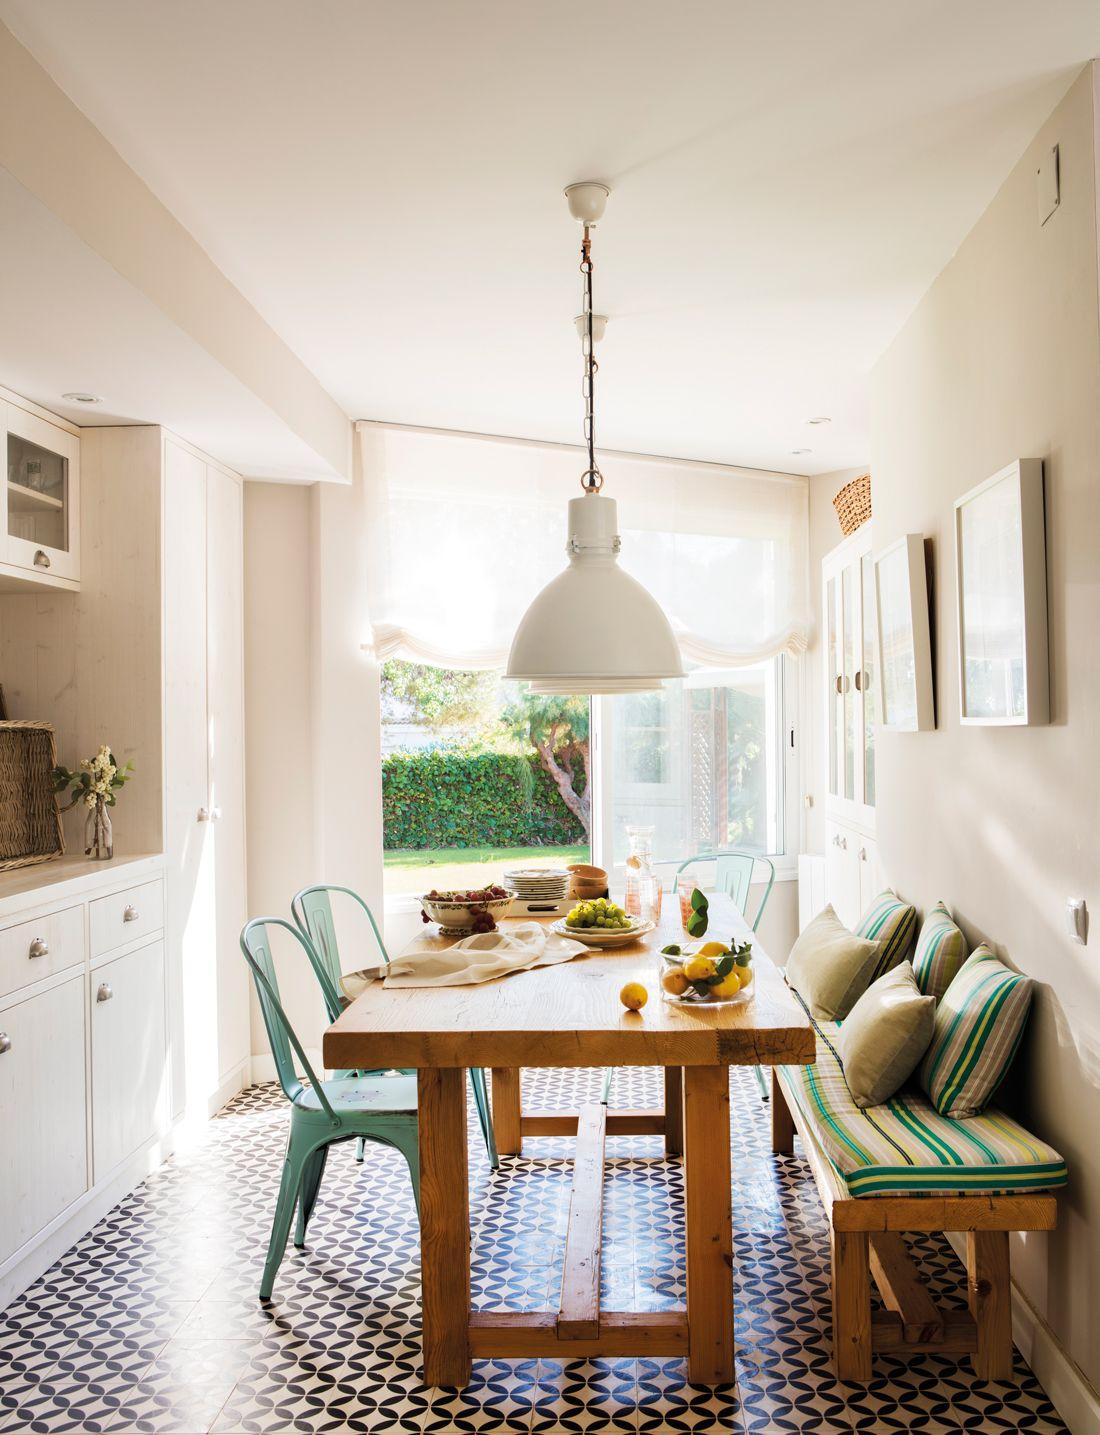 Office de madera con sillas verde a juego con colchonetas y cojines ...